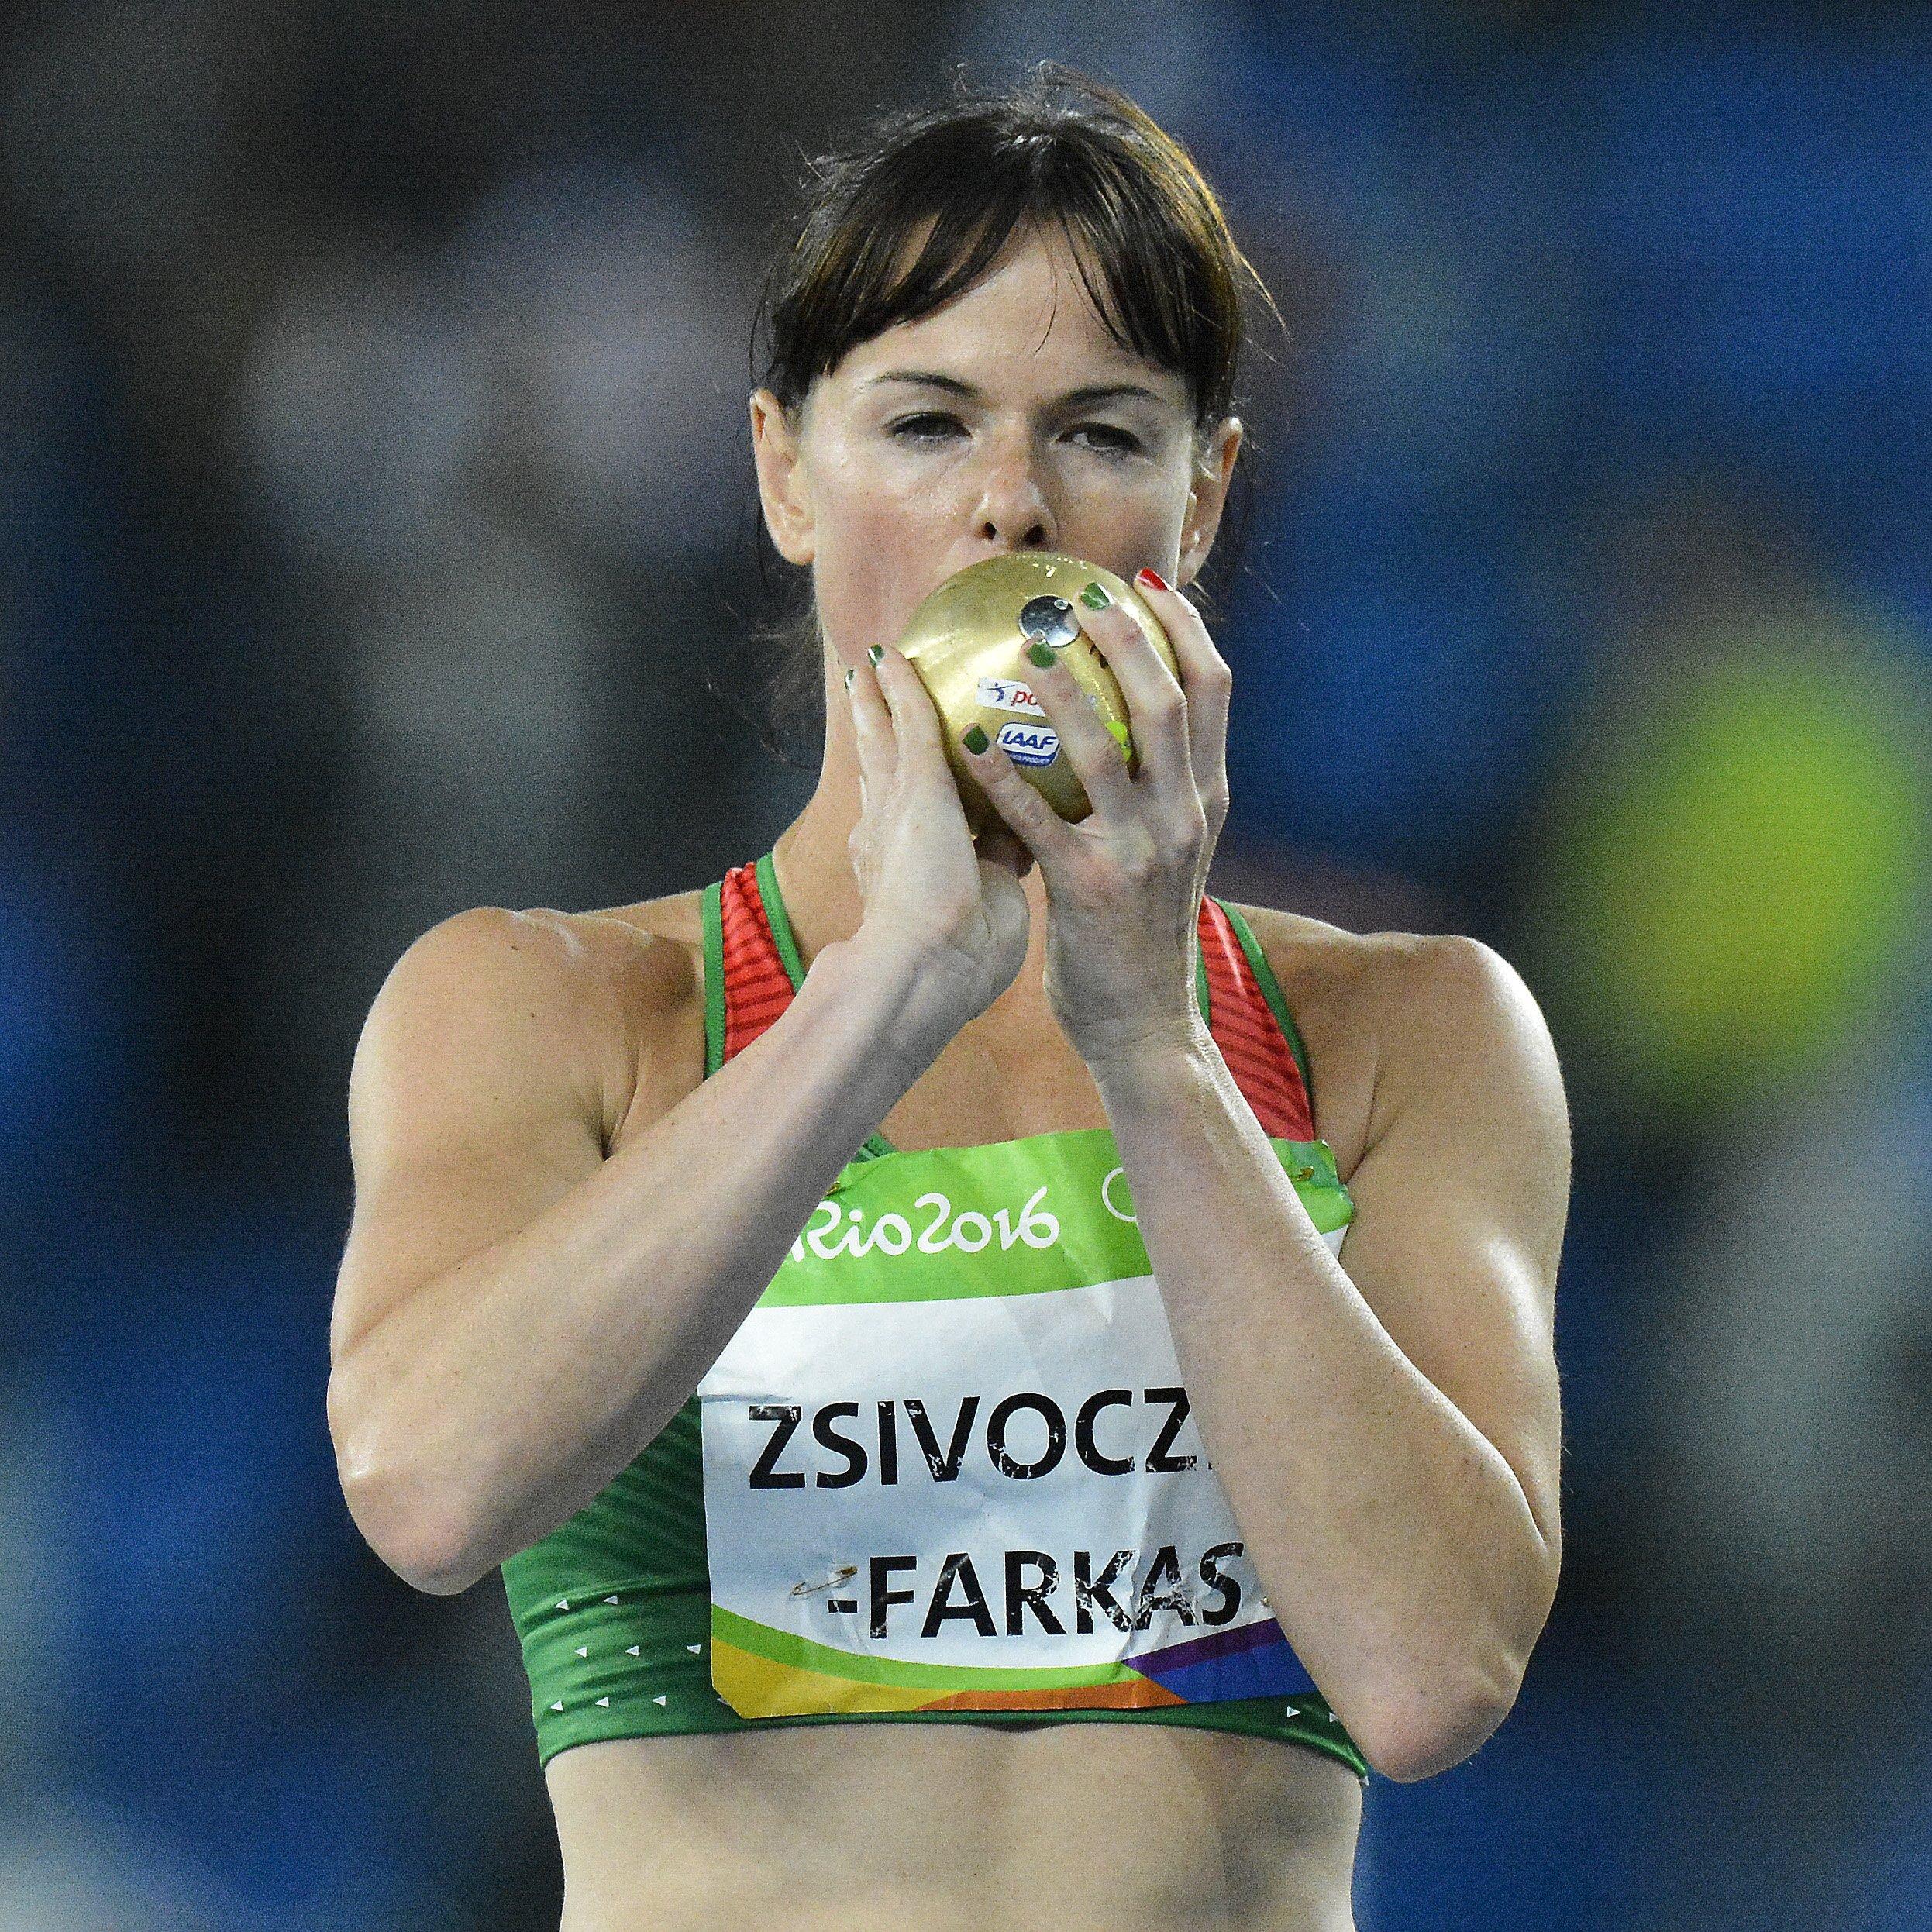 Zsivoczky-Farkas Györgyi a riói nyári olimpia női hétpróba súlylökés versenyszámába (Fotó: MTI)